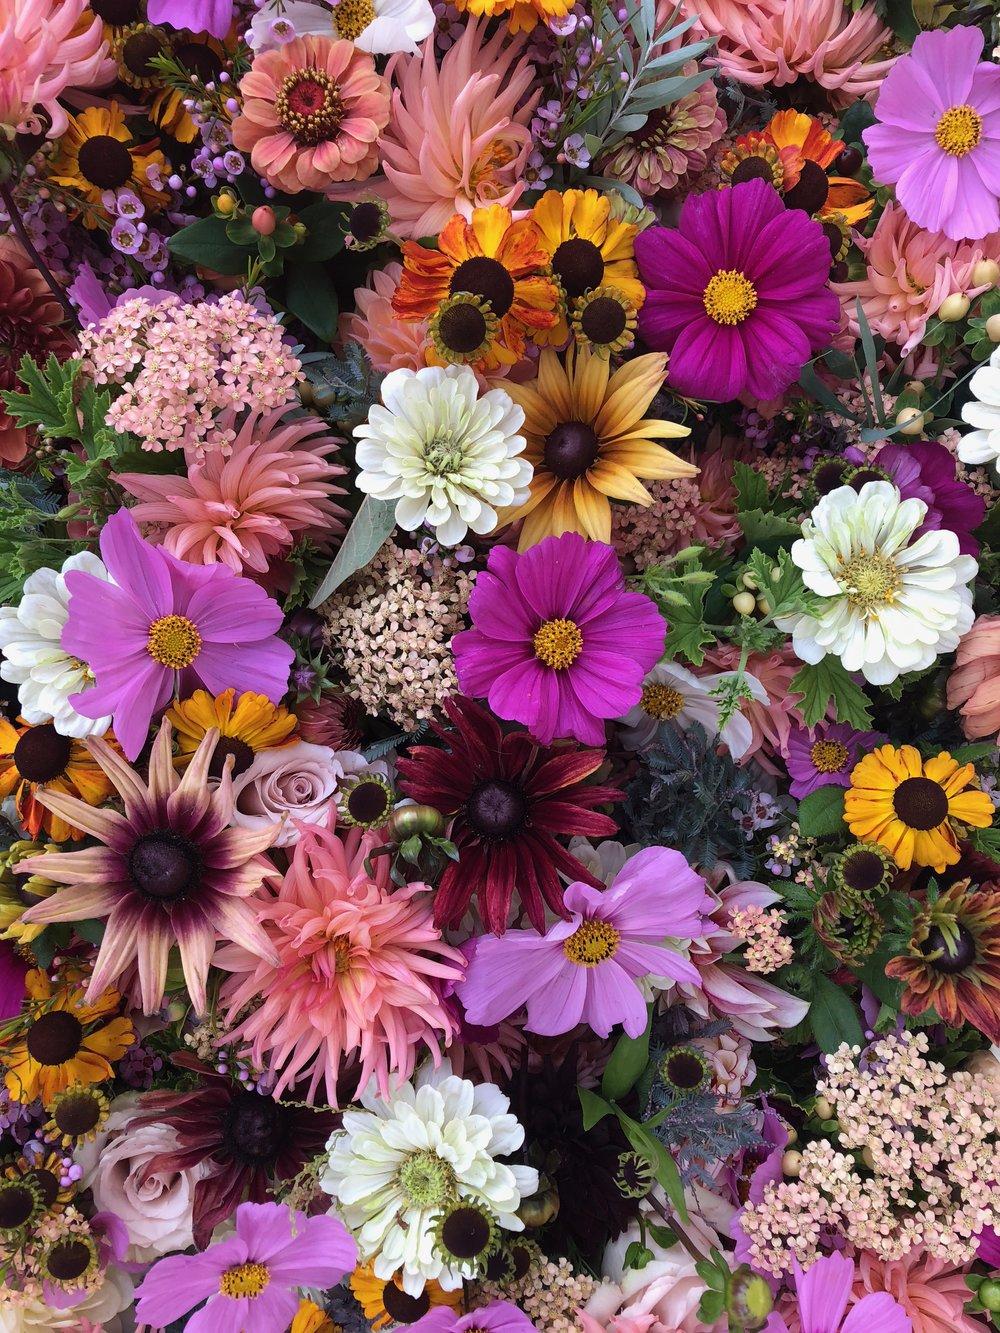 Seasonal Flower Wall